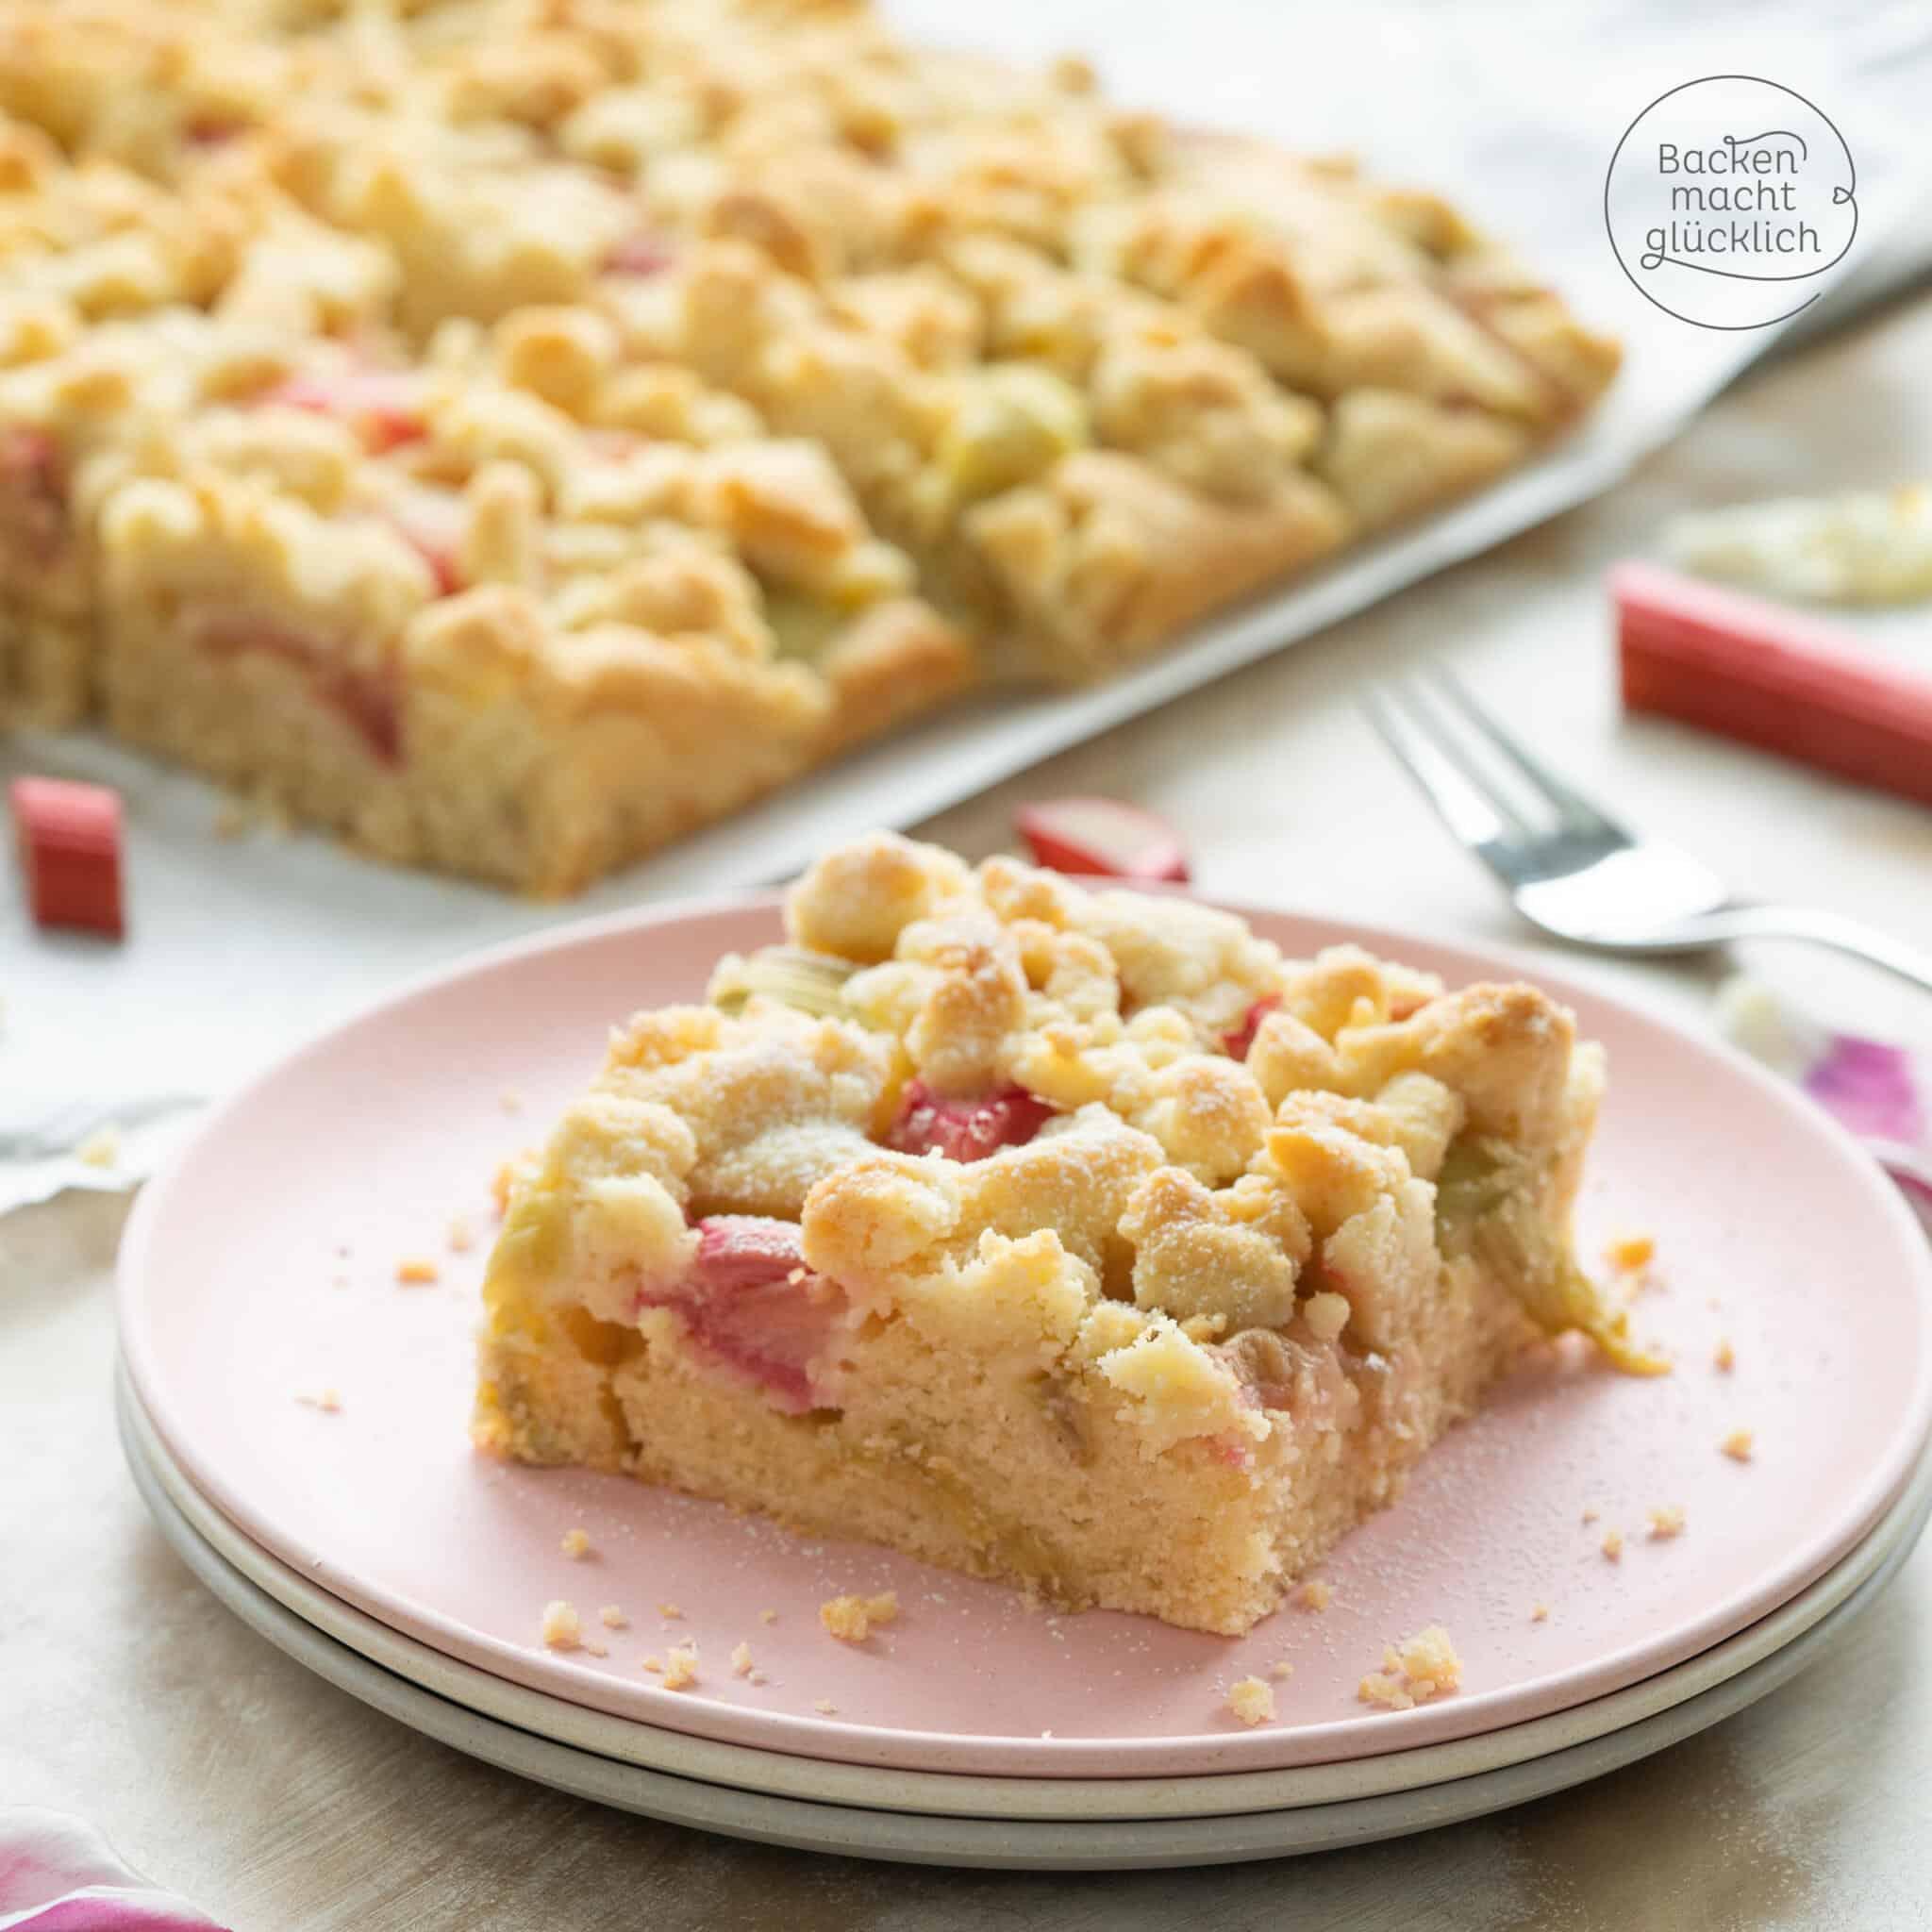 Rhabarberkuchen mit Streuseln